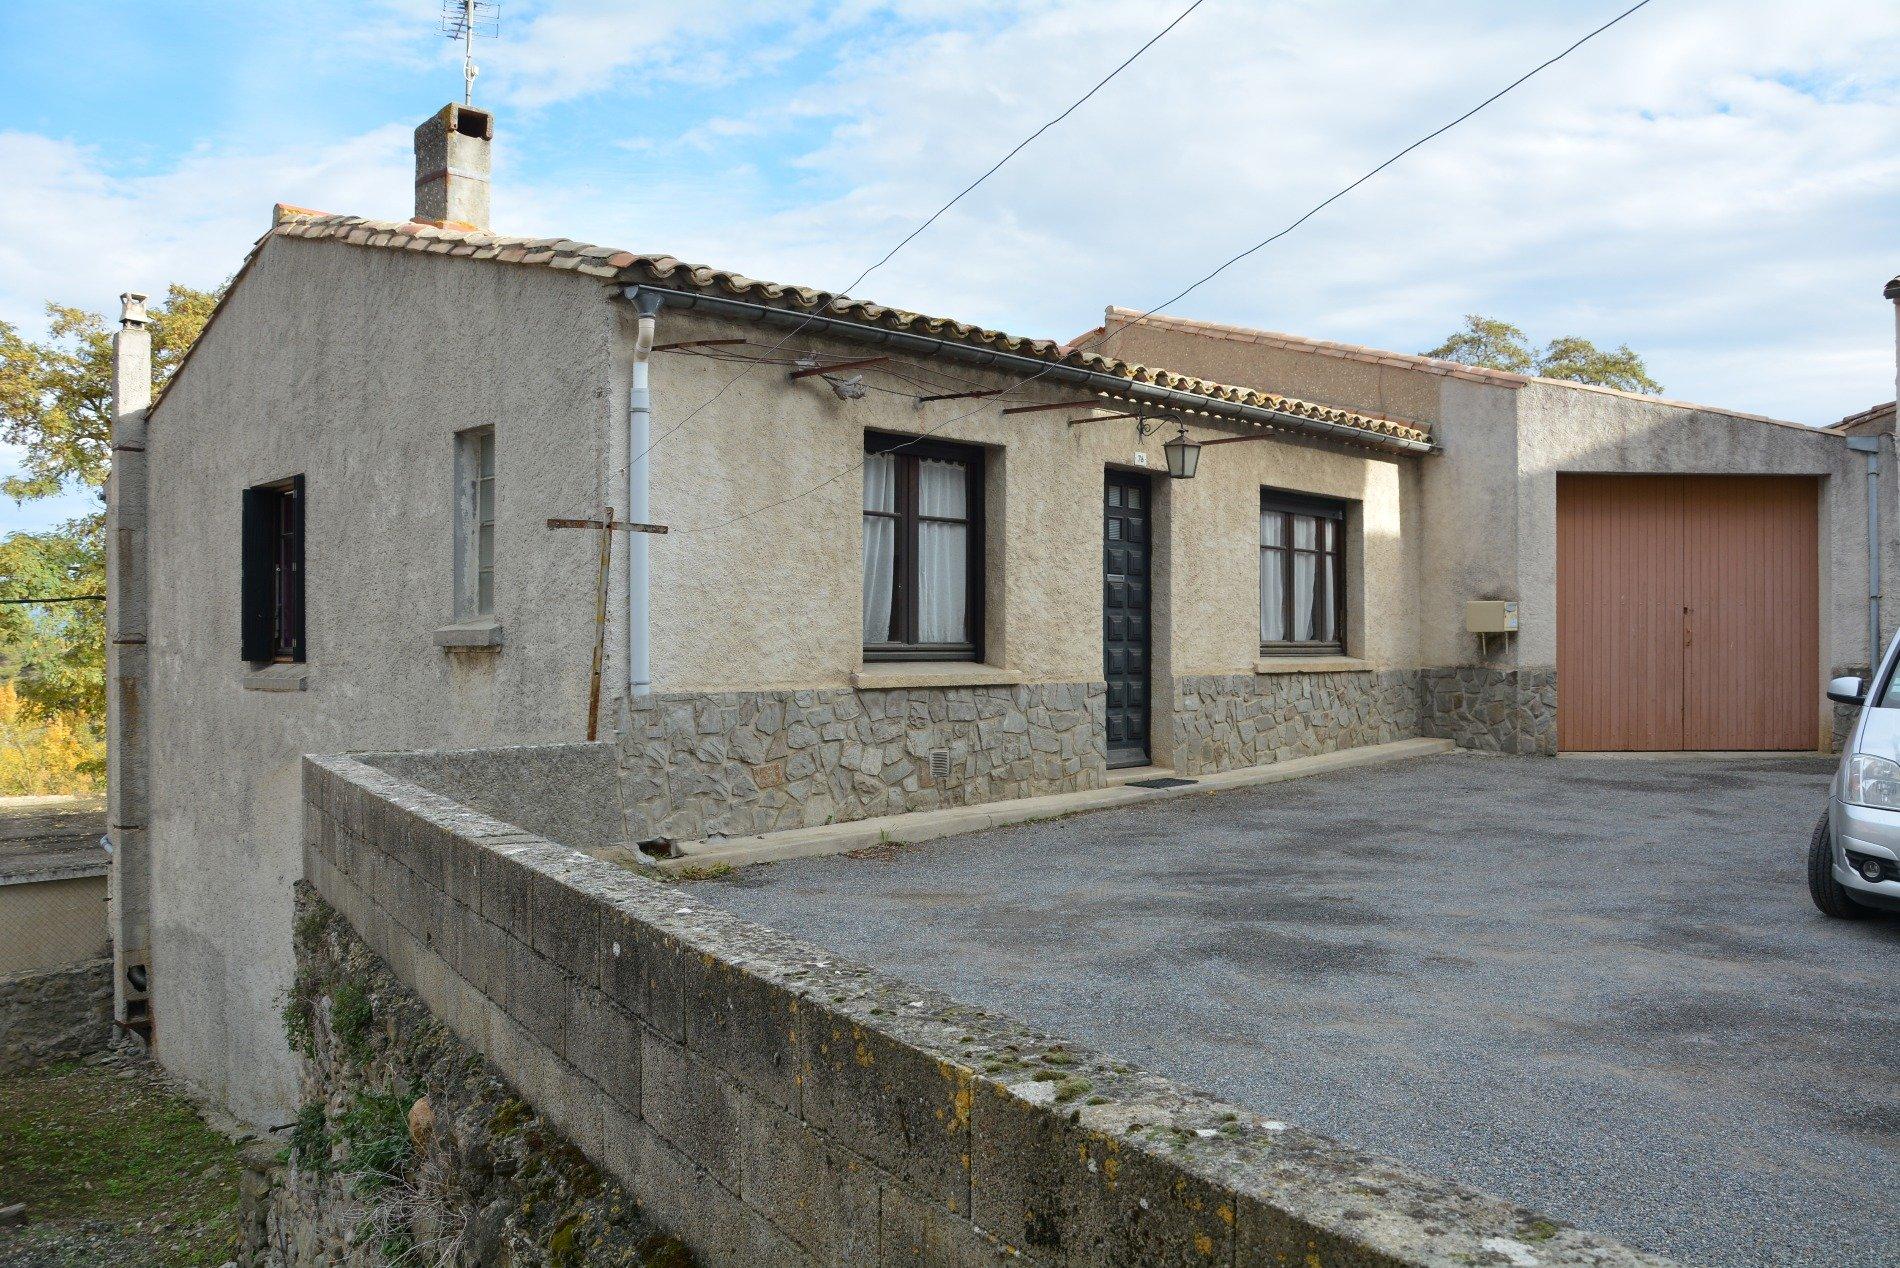 House CARCASSONNAIS | 149 500 €